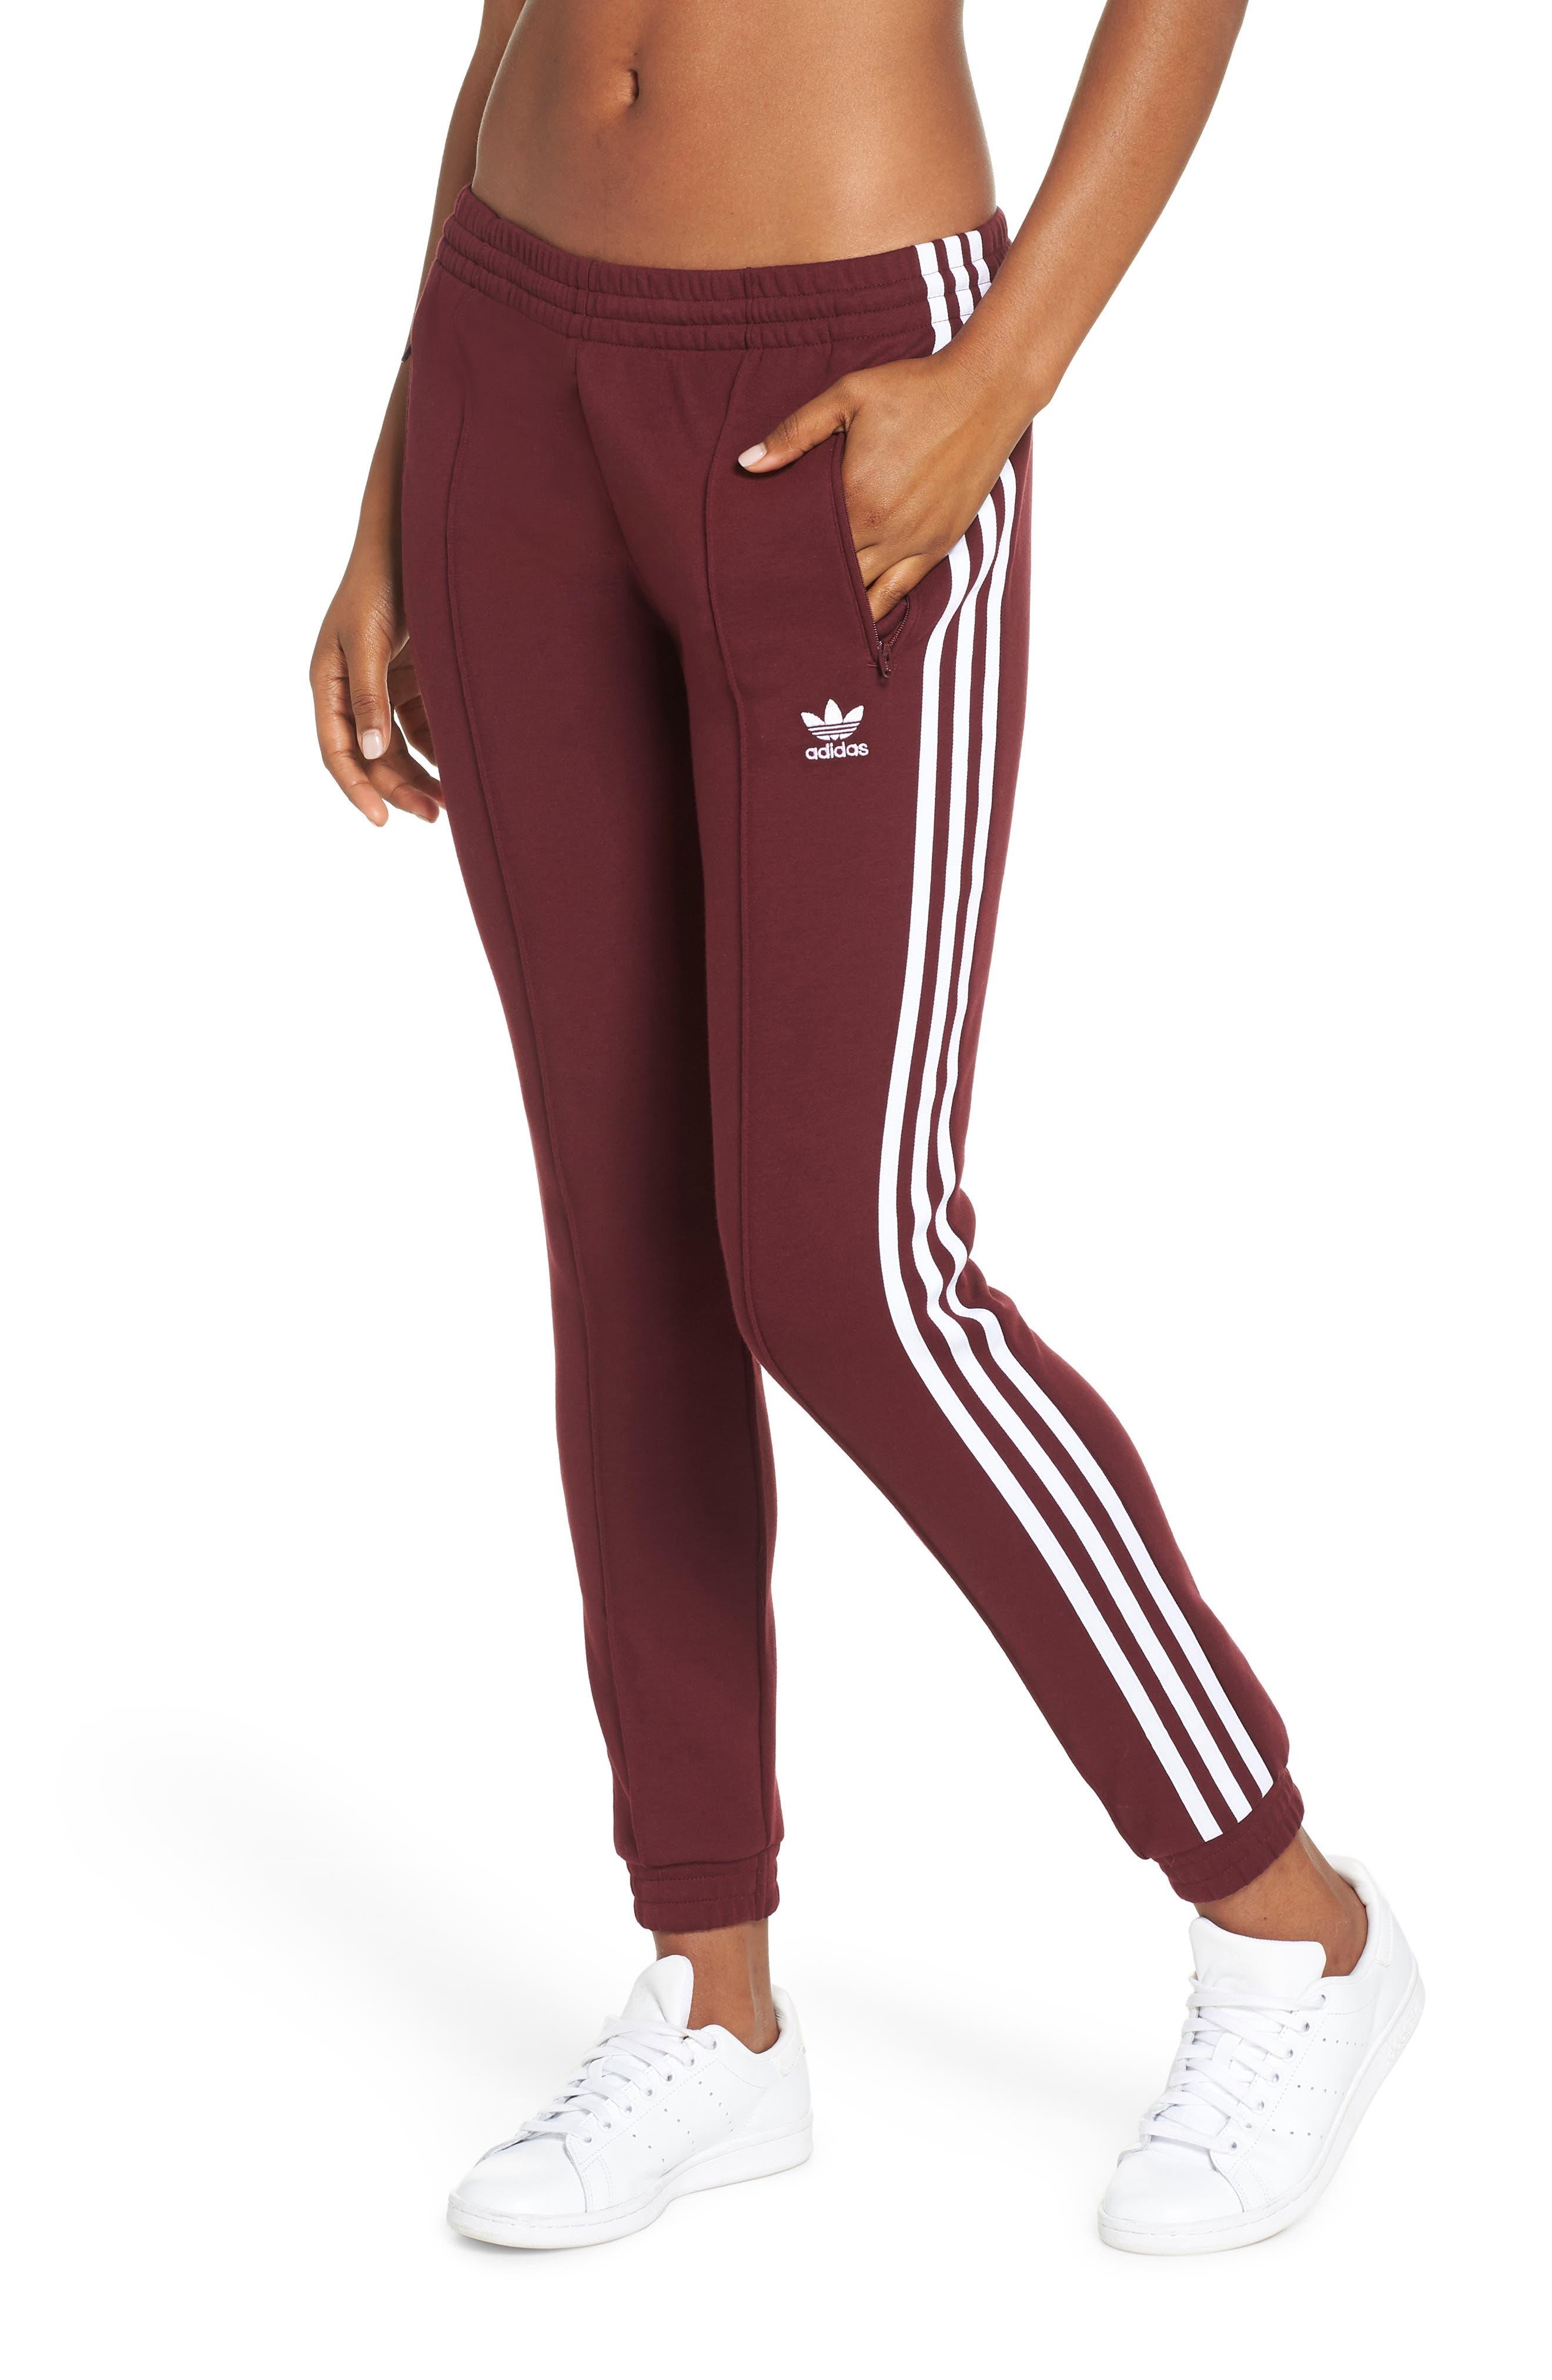 ADIDAS ORIGINALS SST Track Pants, Main, color, 930